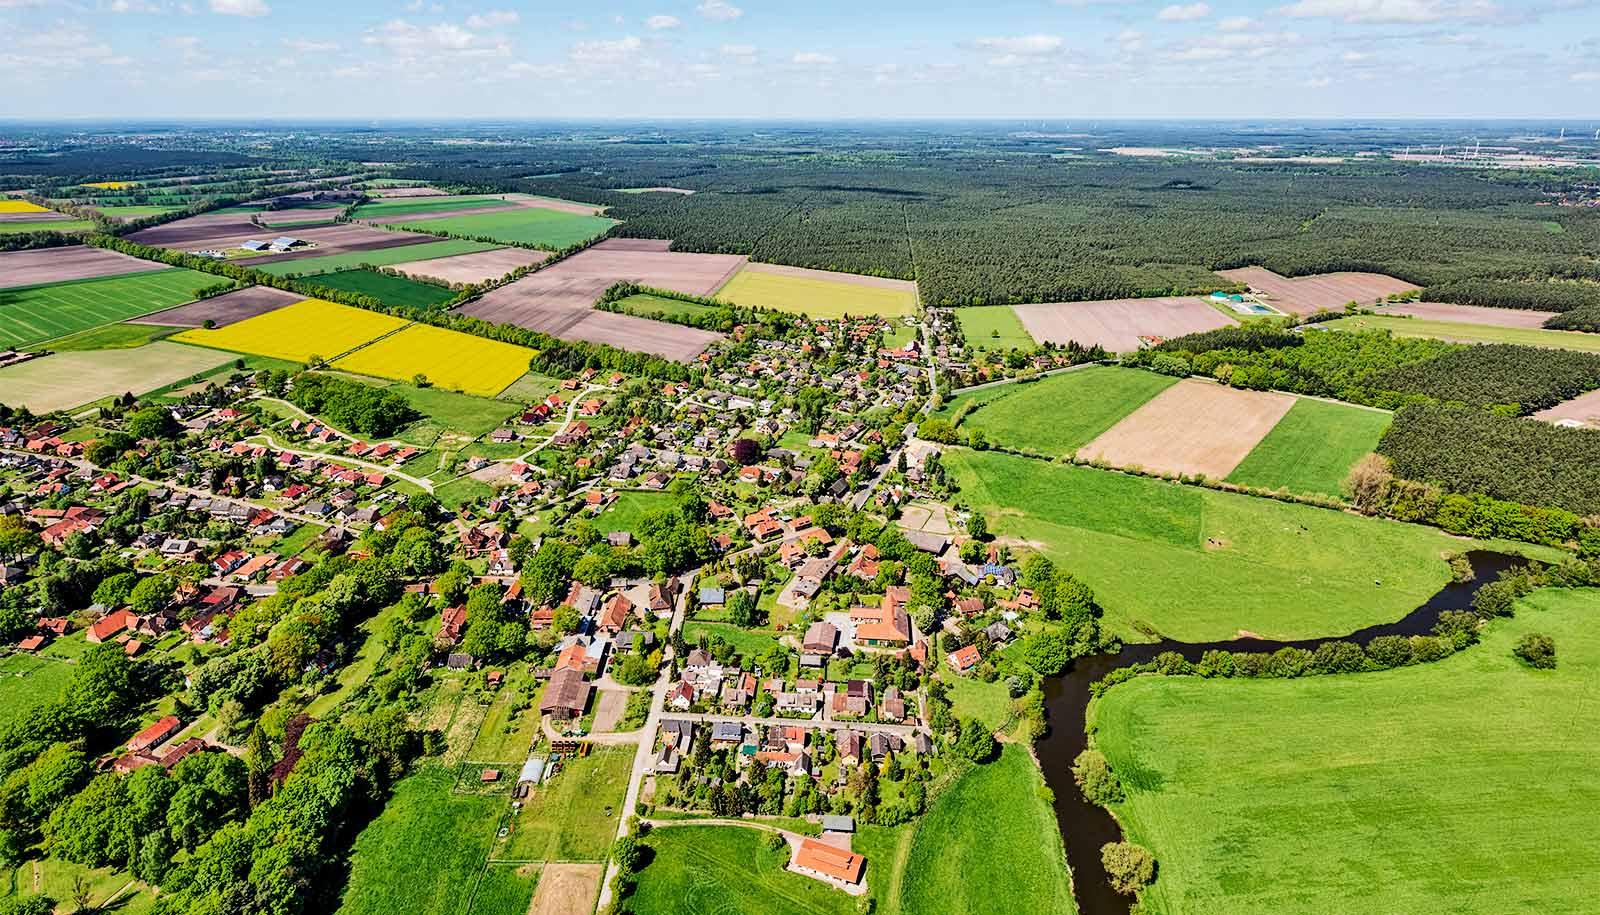 Công dân có thể làm thủ tục chuyển đổi mục đích sử dụng đất nông nghiệp lên thổ cư